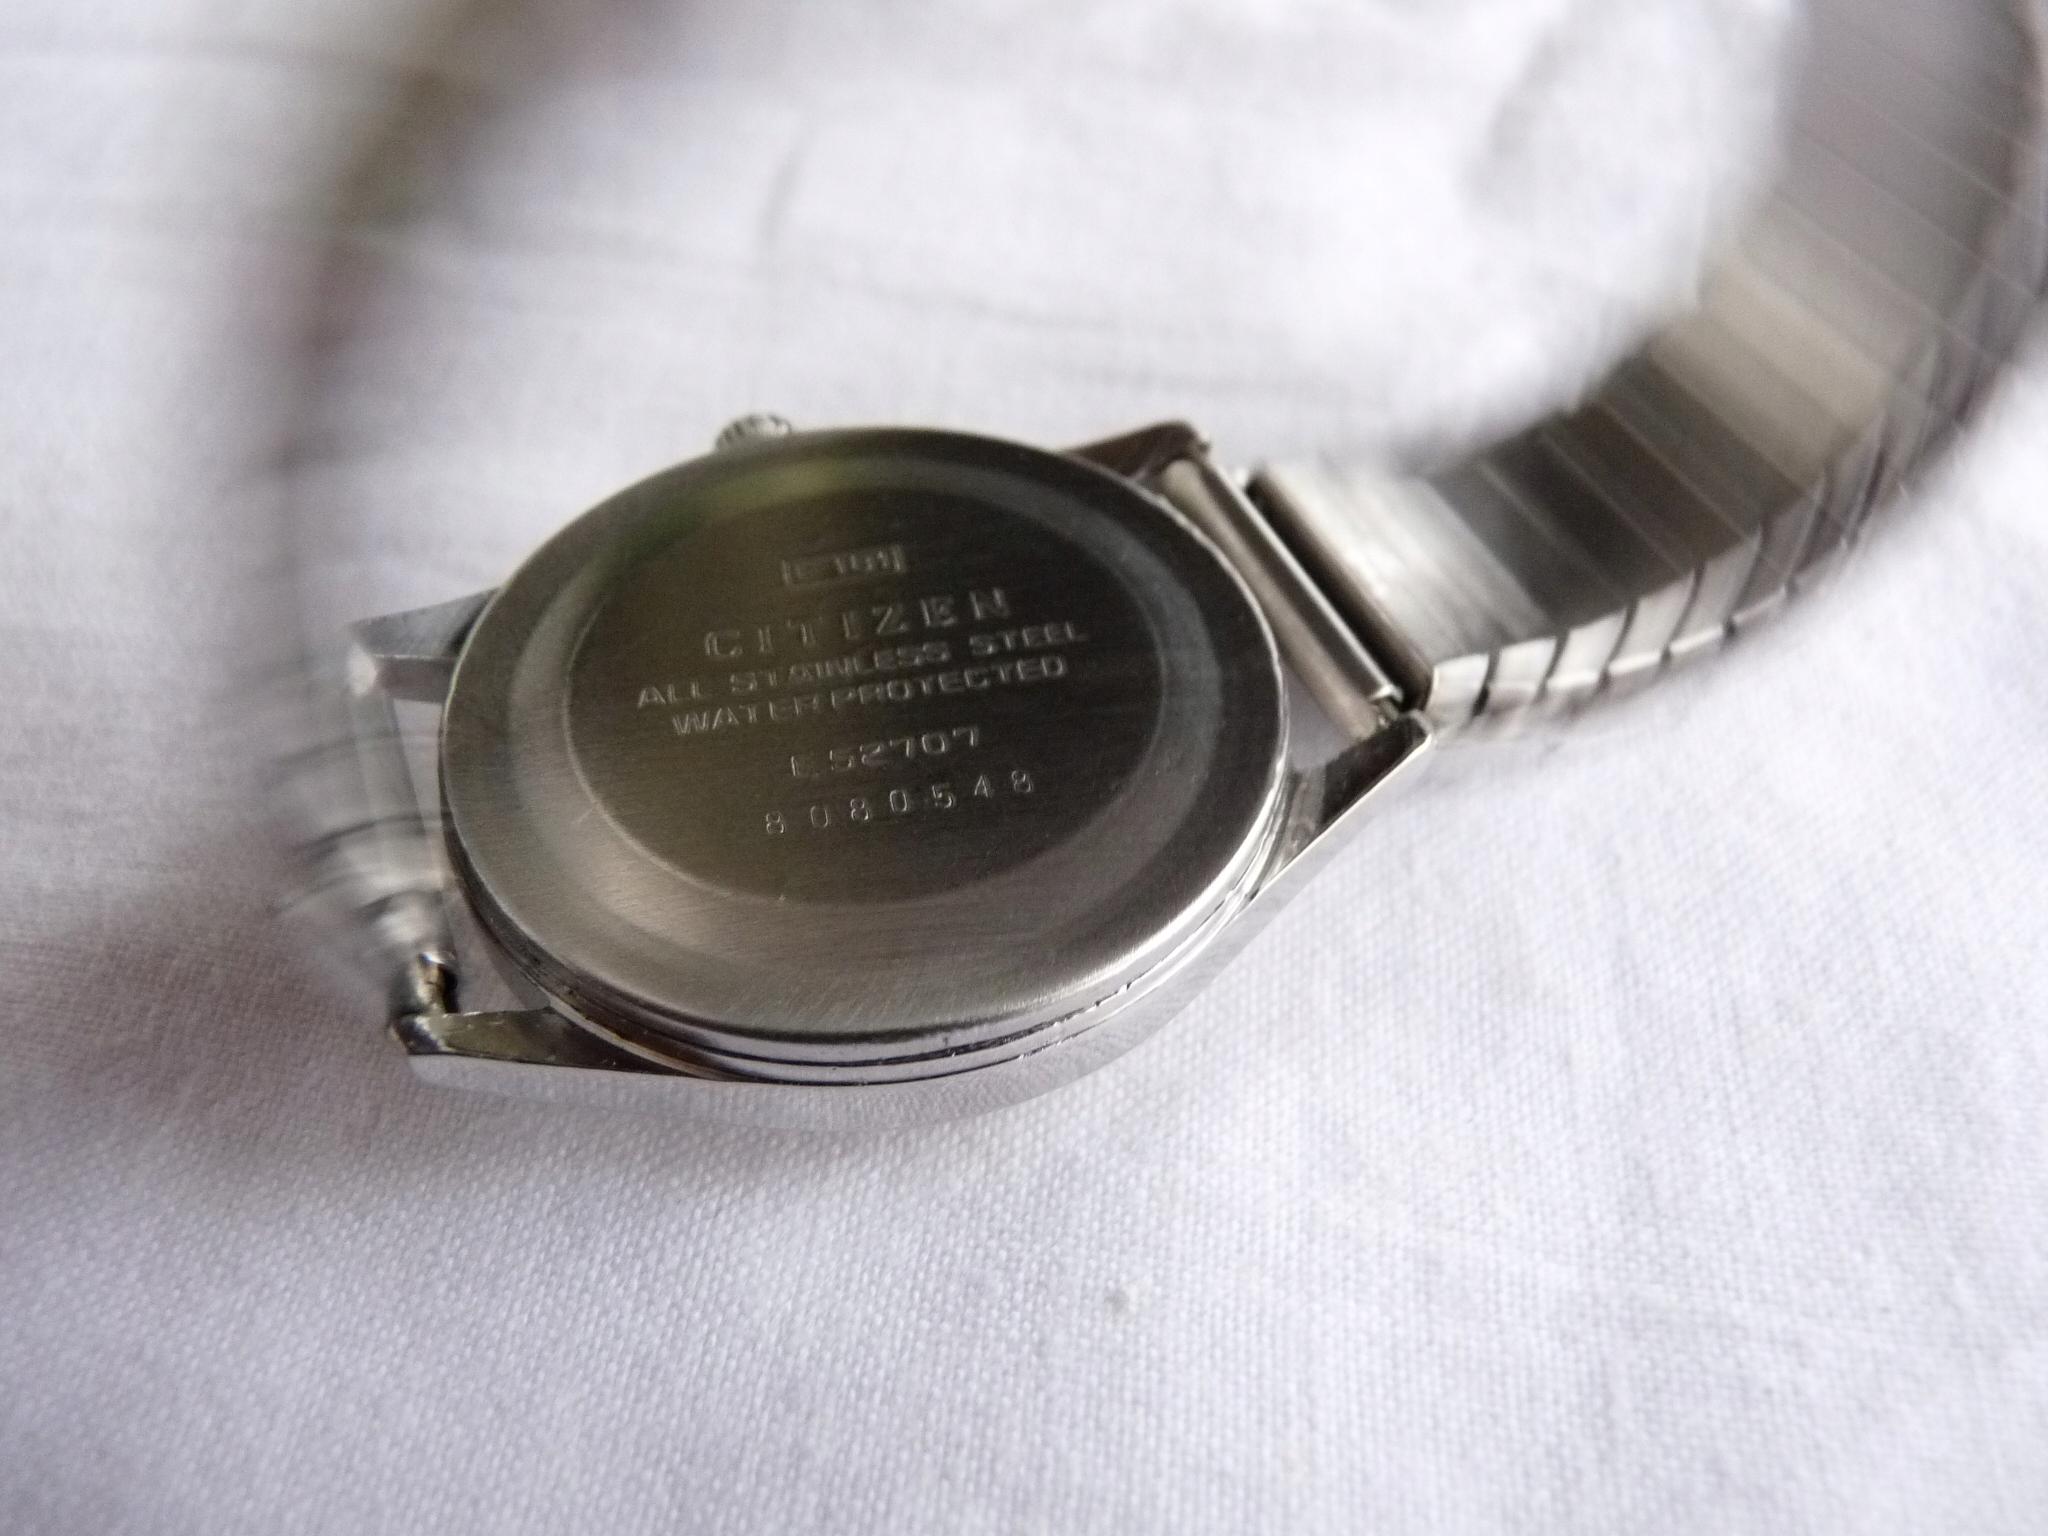 6b61b259cfad7a Japoński zegarek CITIZEN 17 jewels koperta w stali - 7633058855 ...